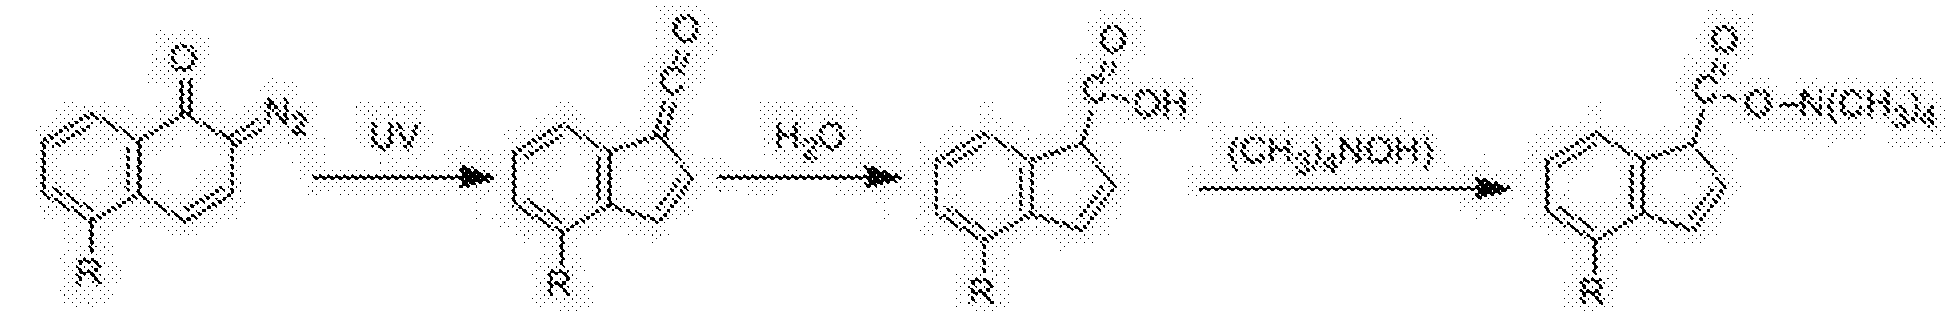 Figure CN103226260BD00101